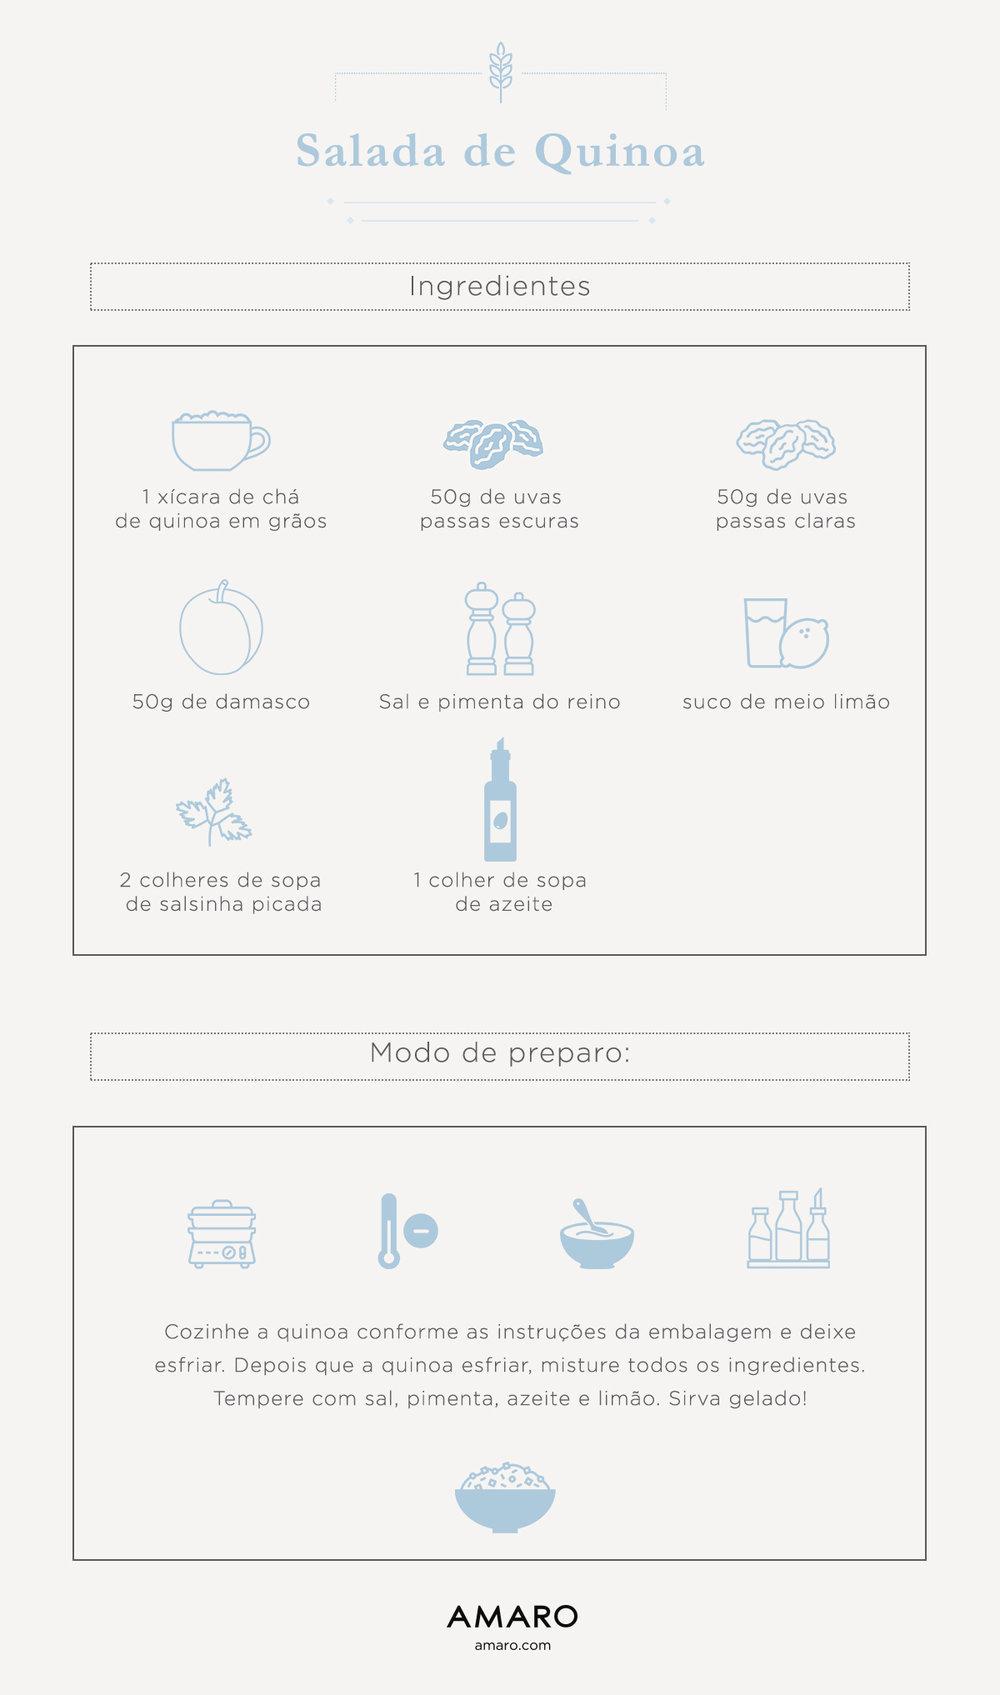 salada-de-quinoa.jpg